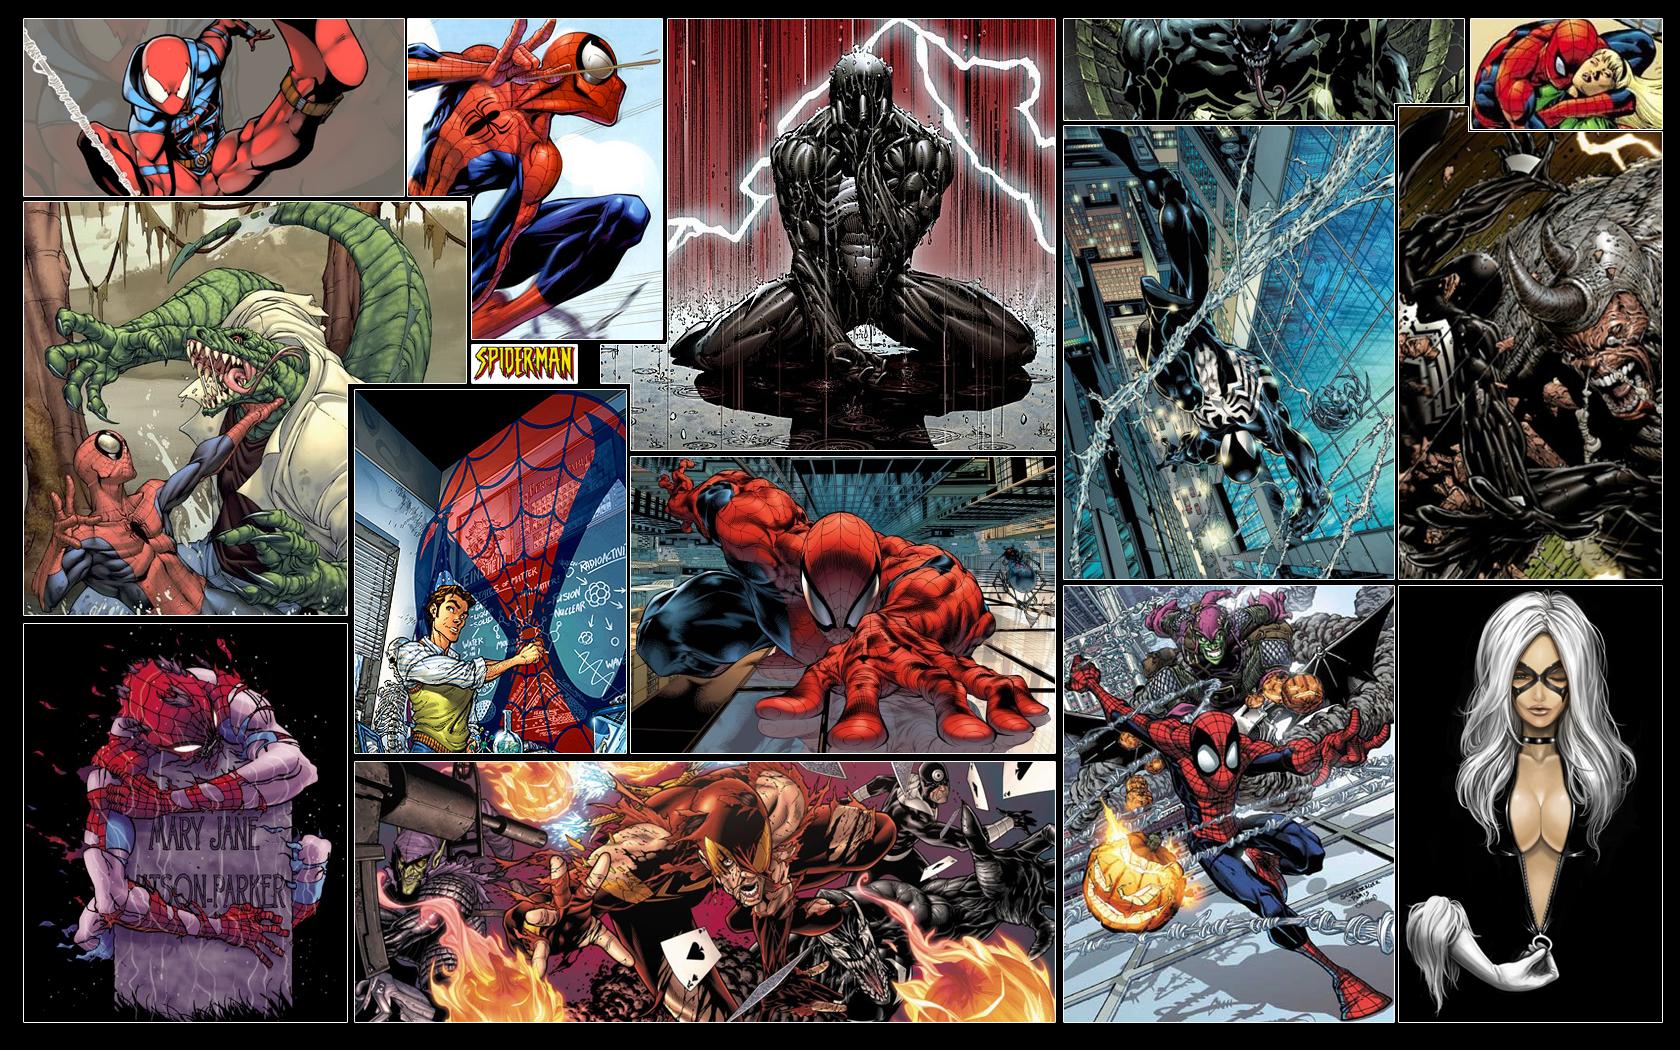 Spiderman_Wallpaper_by_GT_Orphan.jpg